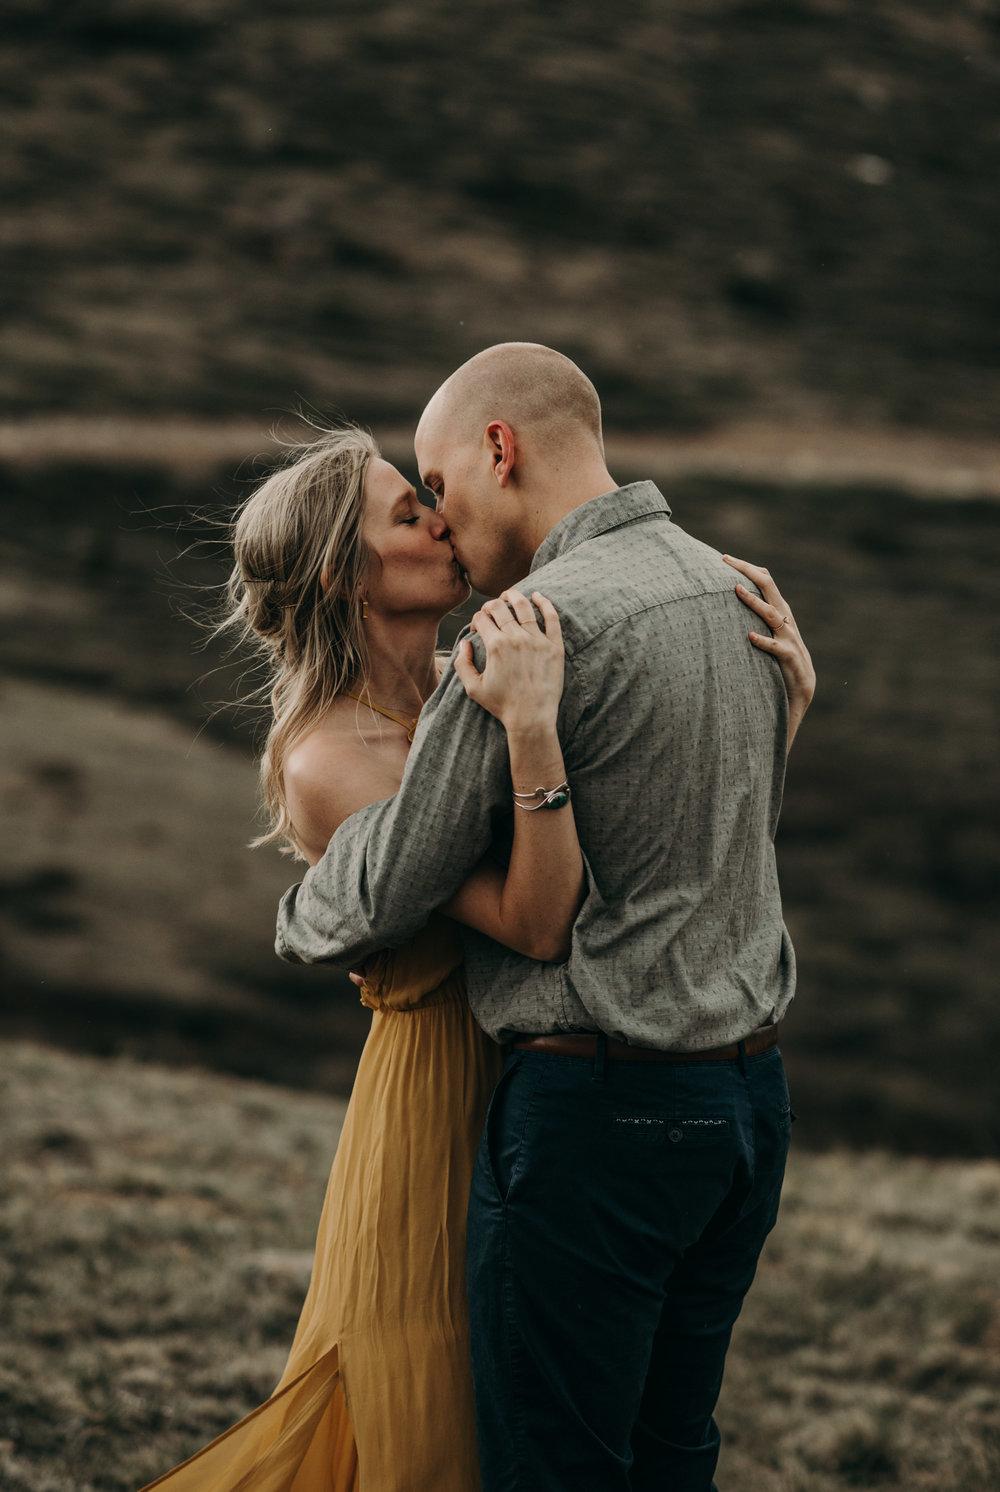 Wedding photographer in Colorado. Colorado elopement photos.